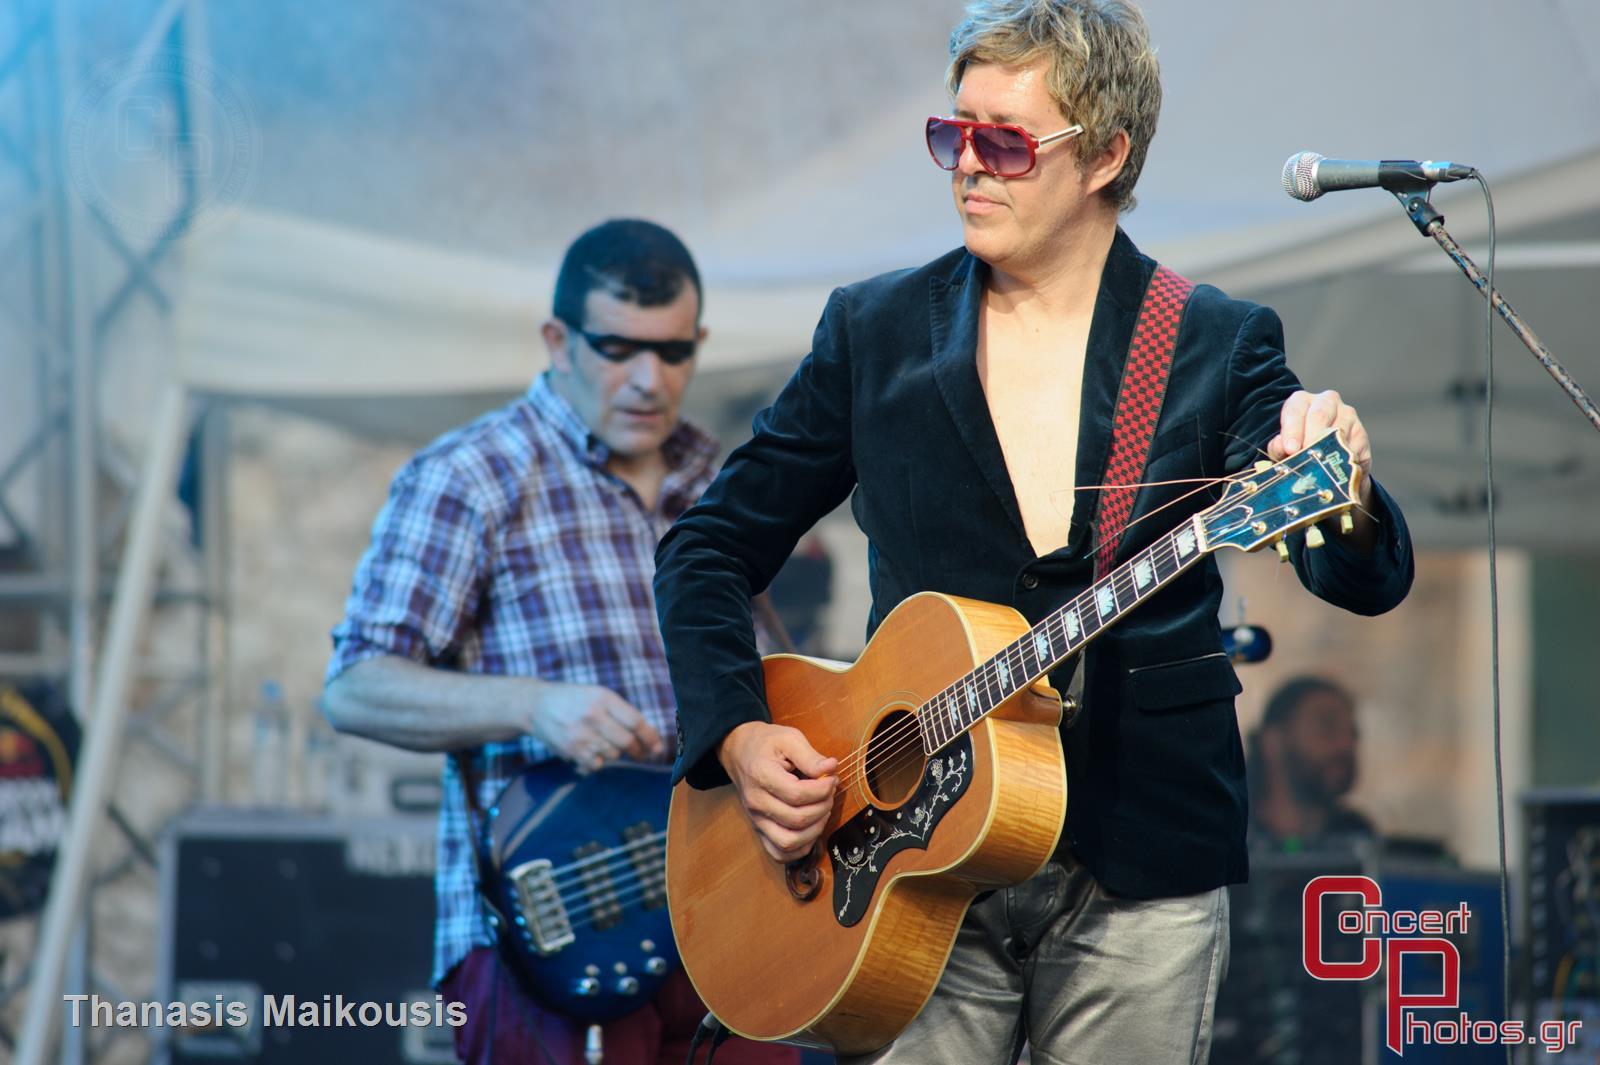 En Lefko 2014-En Lefko 2014 photographer: Thanasis Maikousis - concertphotos_20140621_20_23_16